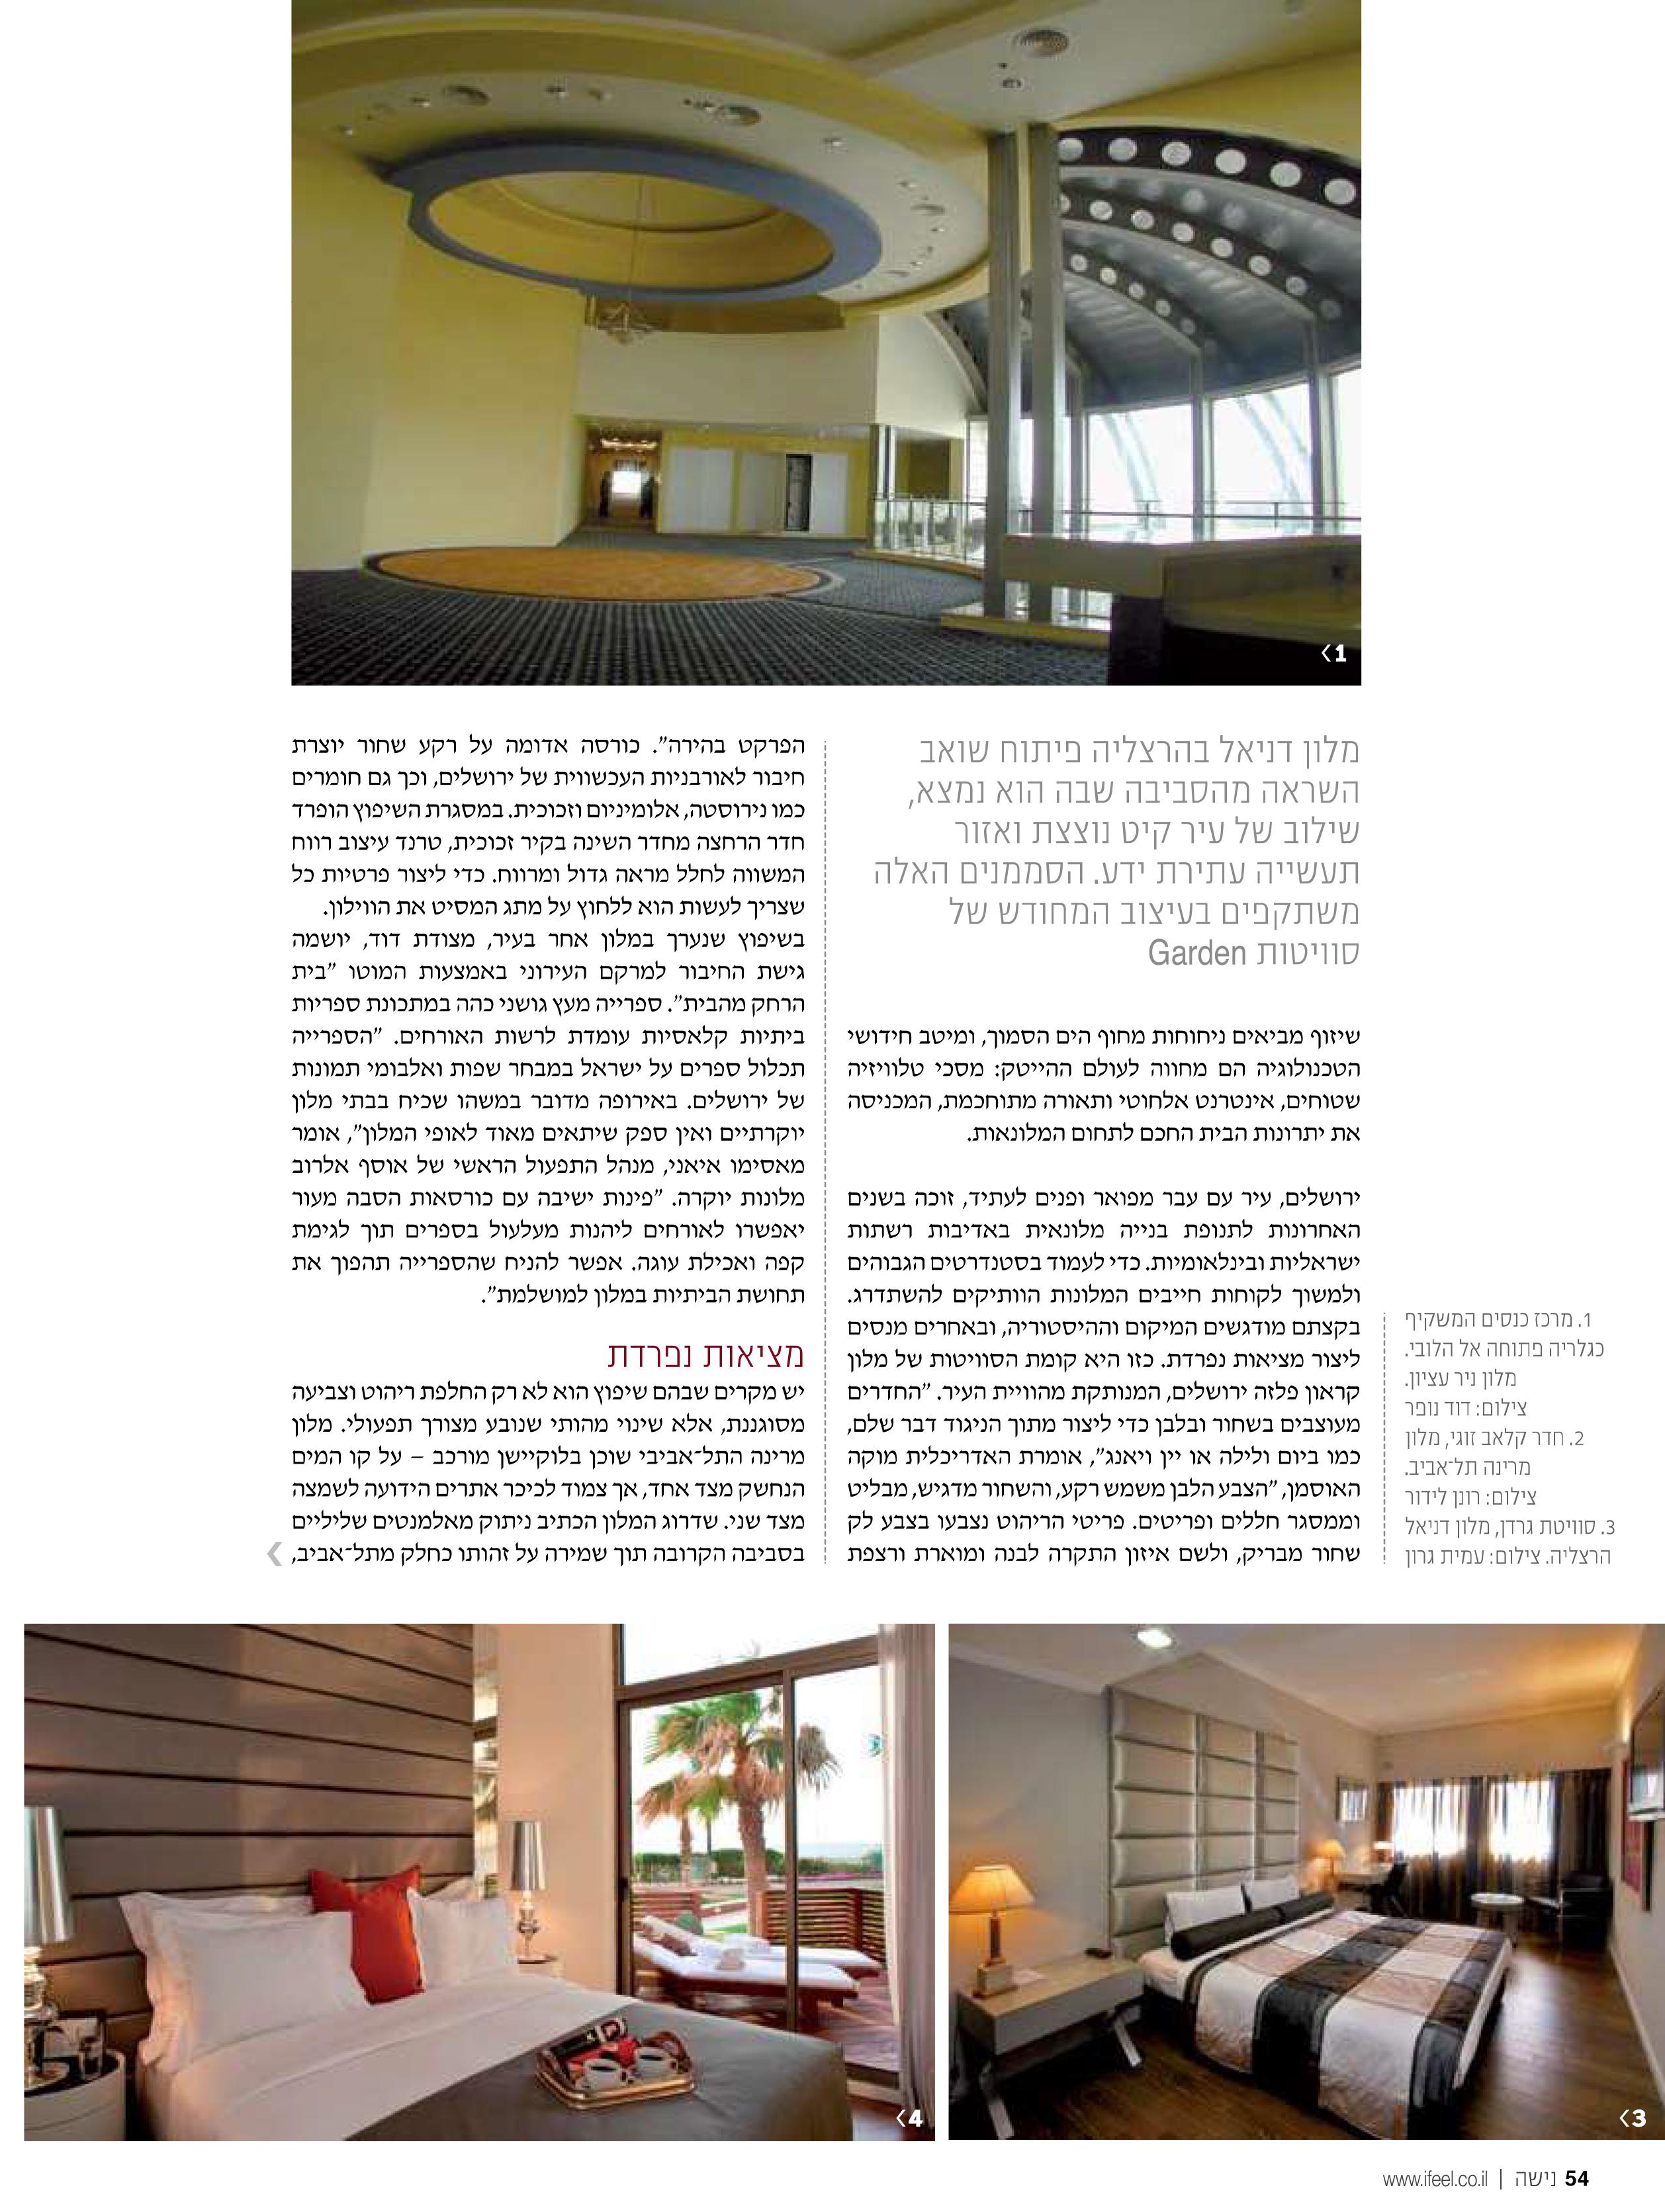 ניר עציון - מלון - פרסום במגזין נישה